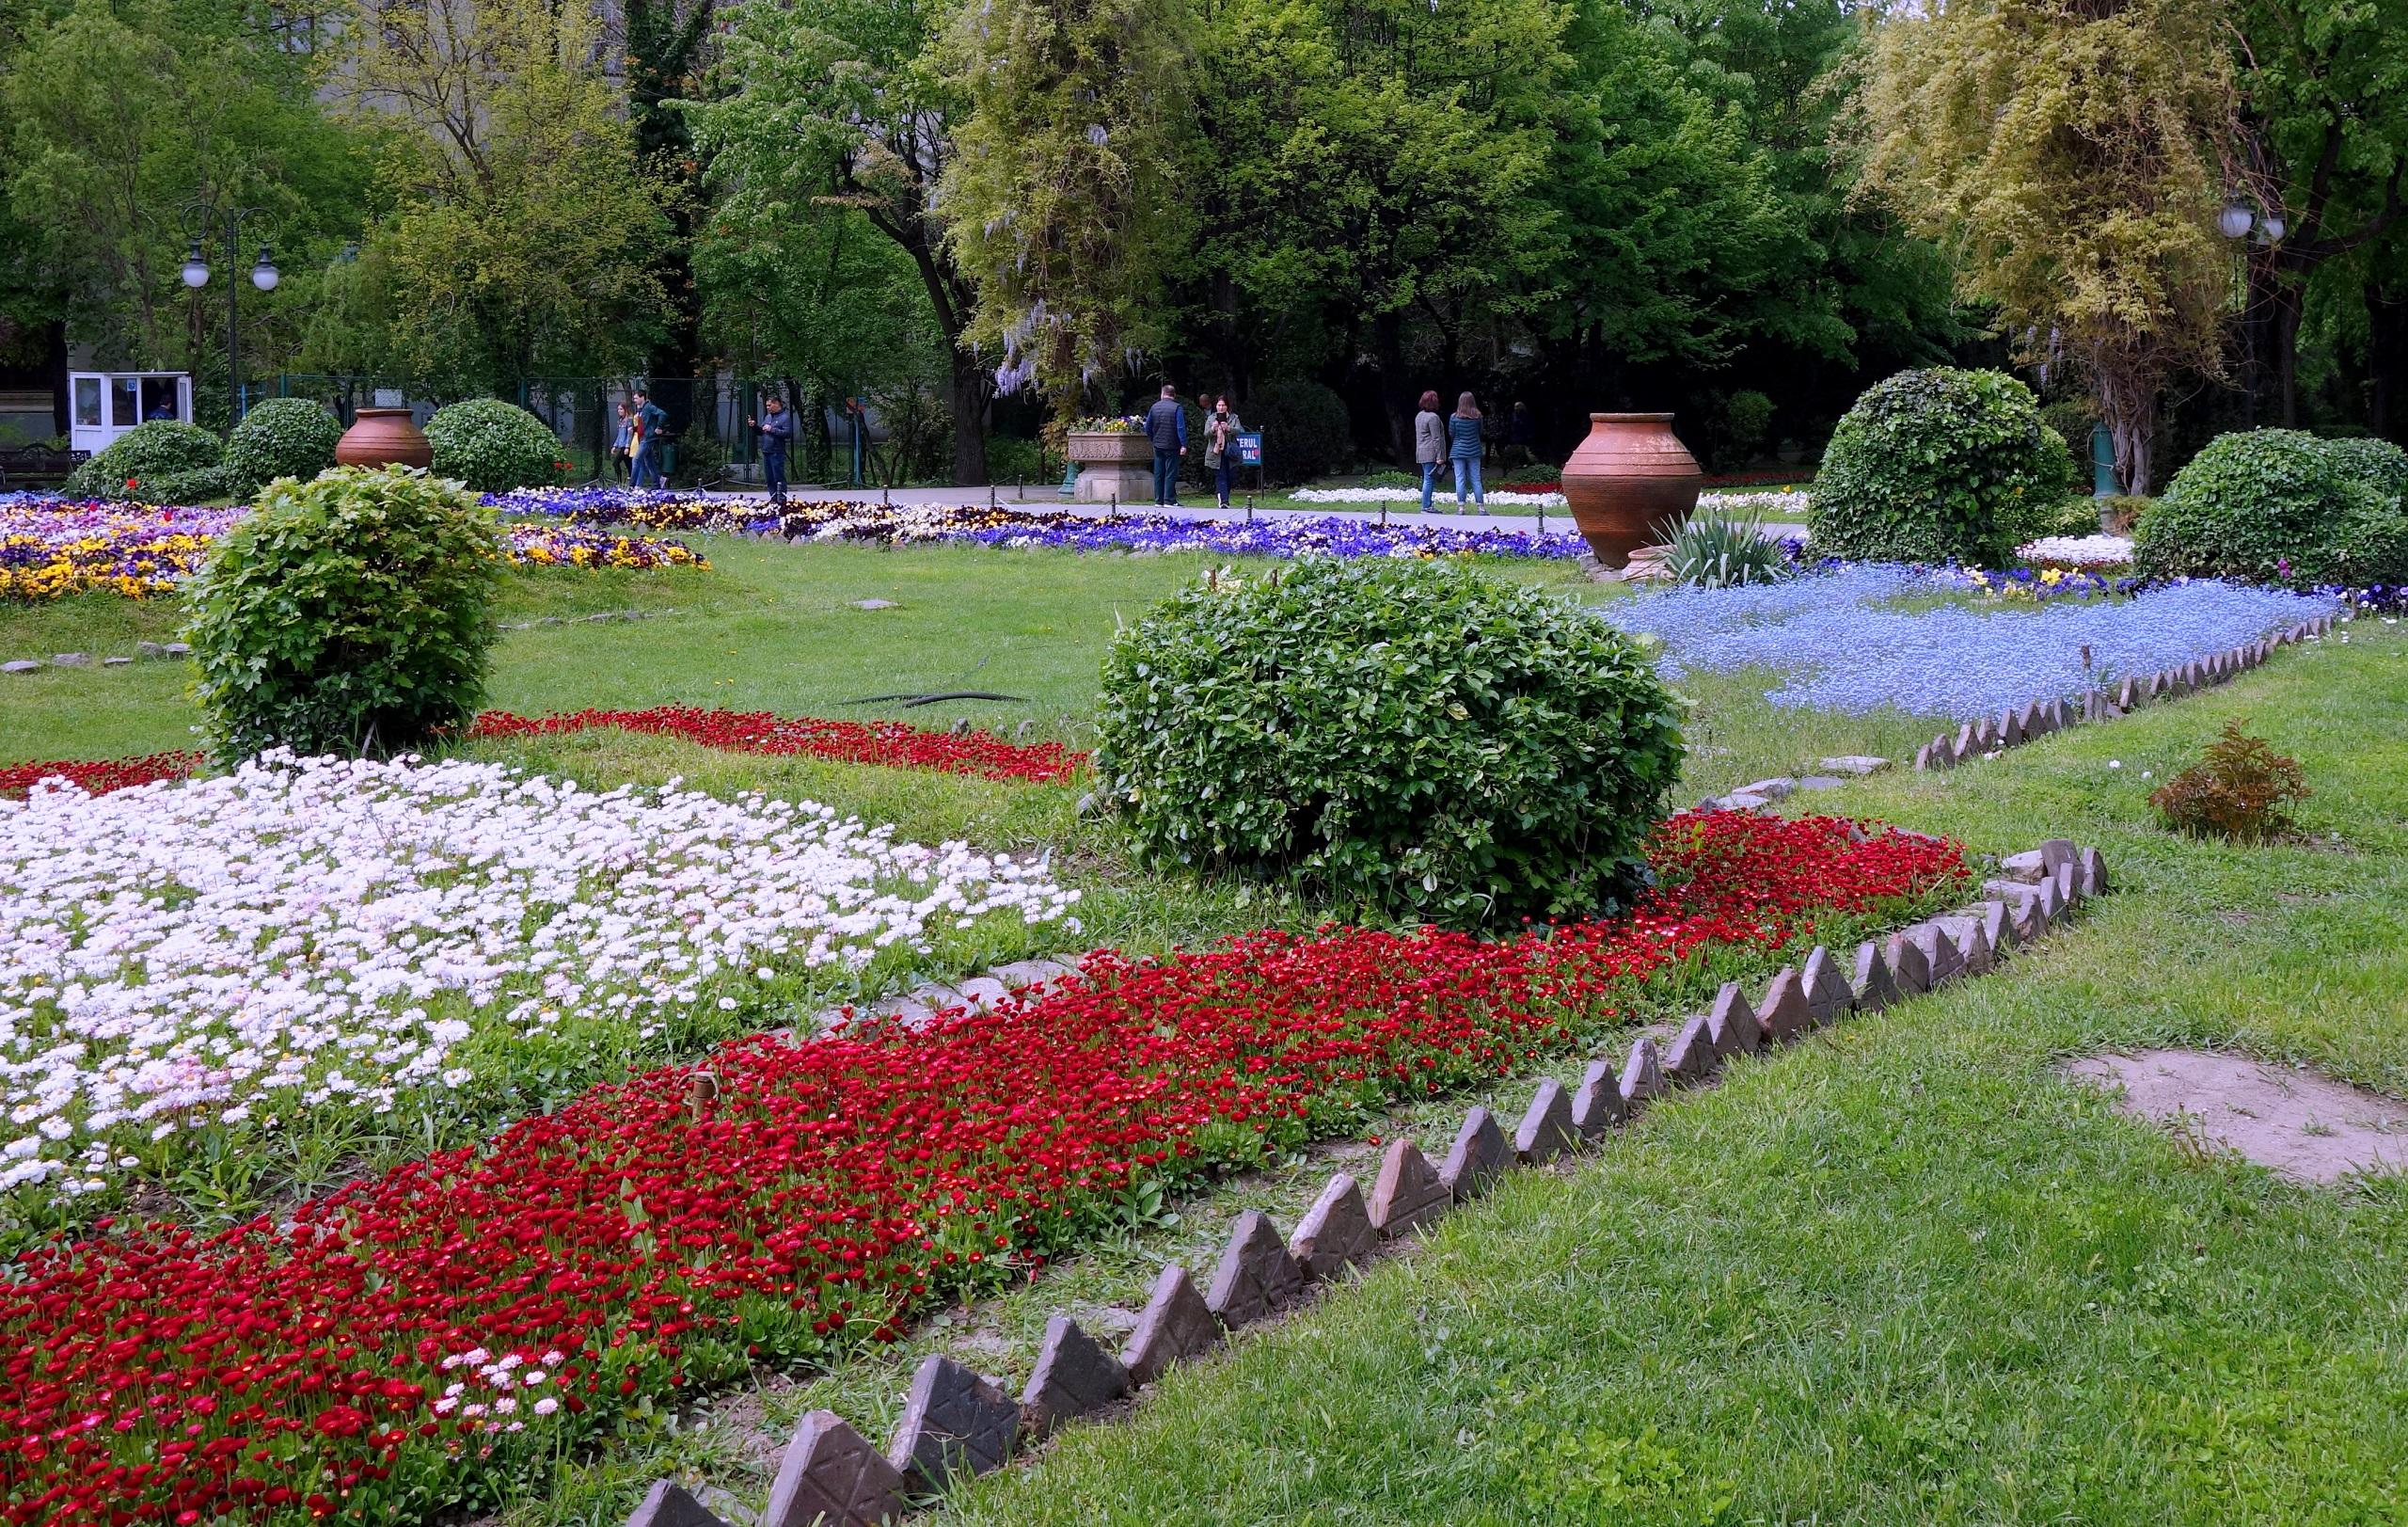 Ogród Cişmigiu i pięknie zasadzone kwiaty - Rumunia, Bukareszt